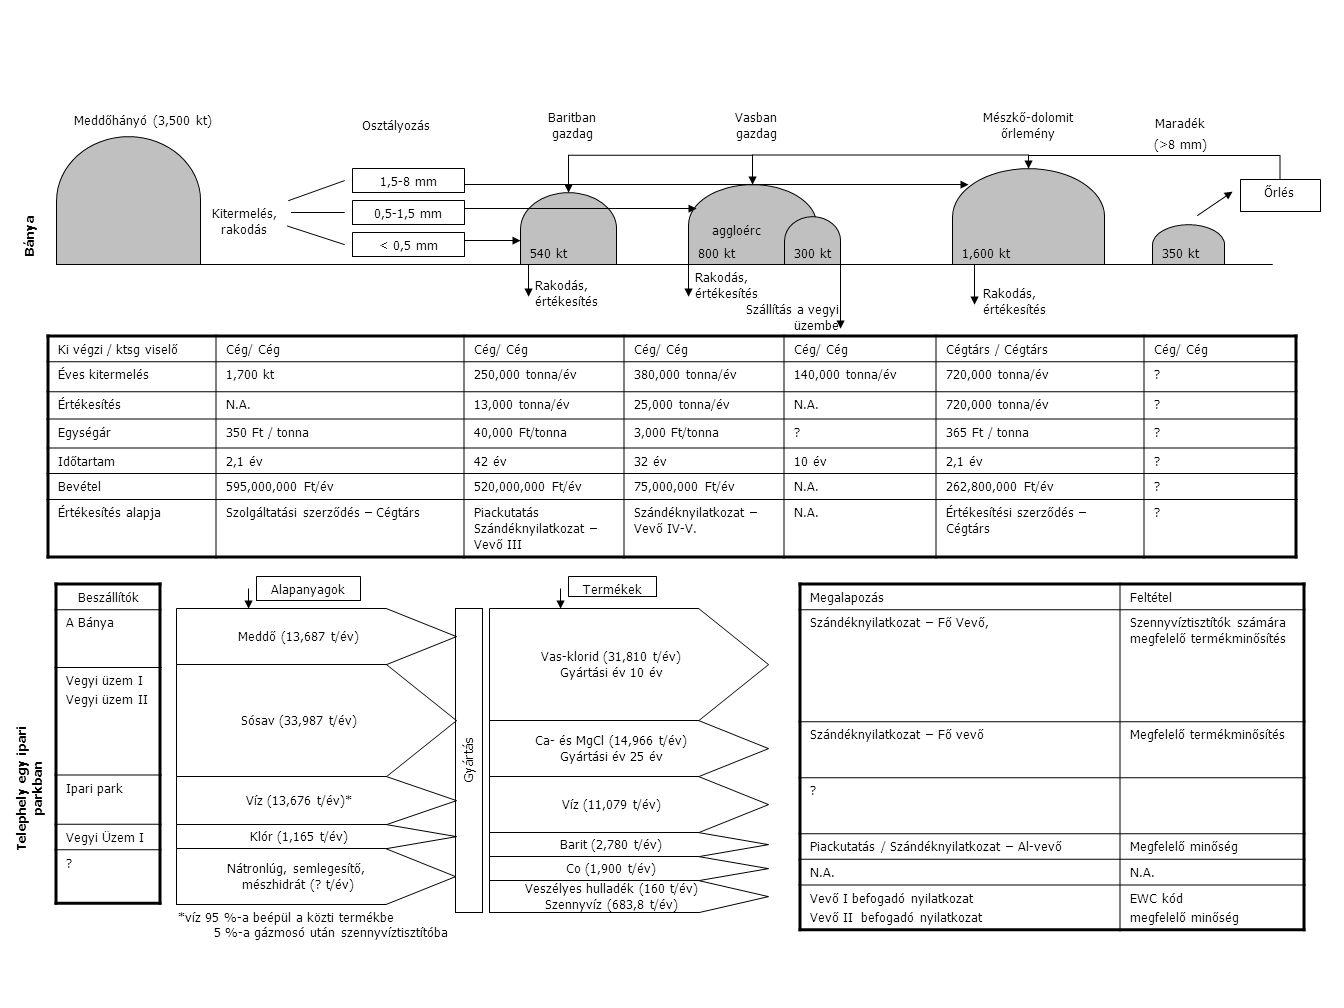 Rakodás, értékesítés Bánya Meddőhányó (3,500 kt) Kitermelés, rakodás Osztályozás 1,5-8 mm 0,5-1,5 mm < 0,5 mm aggloérc Baritban gazdag Vasban gazdag M